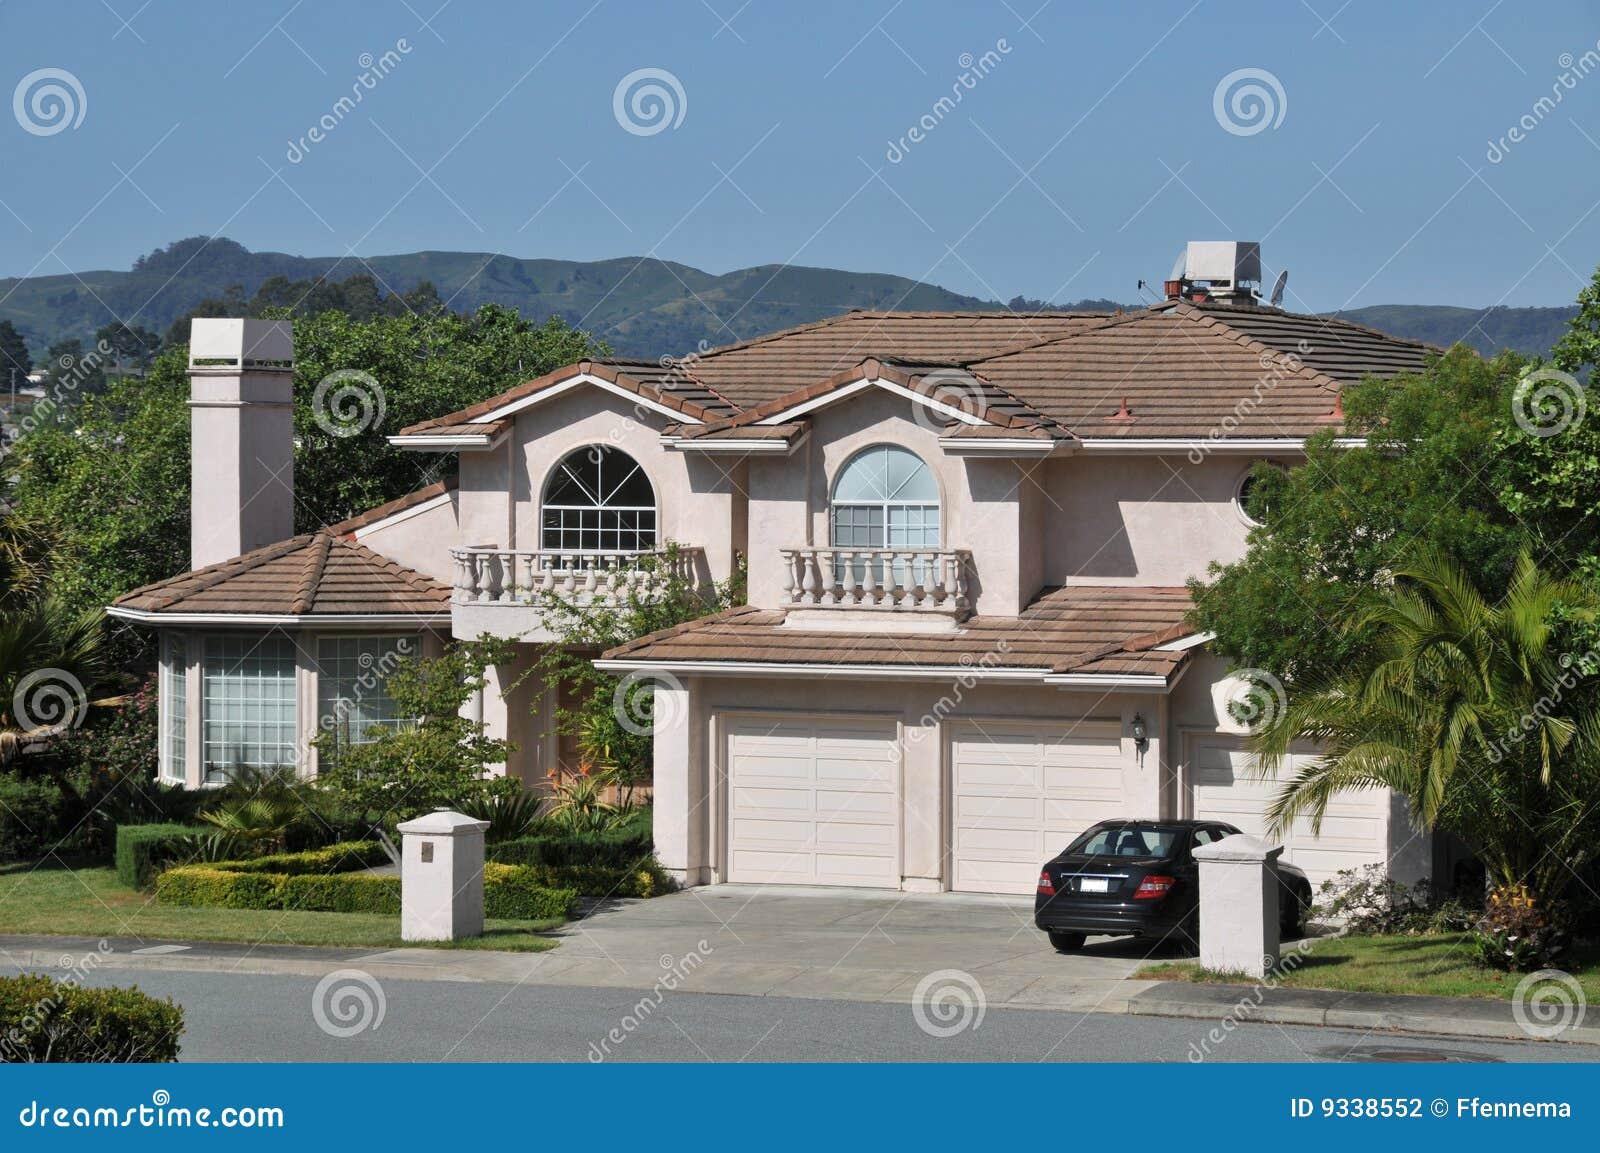 maison moderne avec le v hicule dans l 39 all e photo stock image du construction luxe 9338552. Black Bedroom Furniture Sets. Home Design Ideas